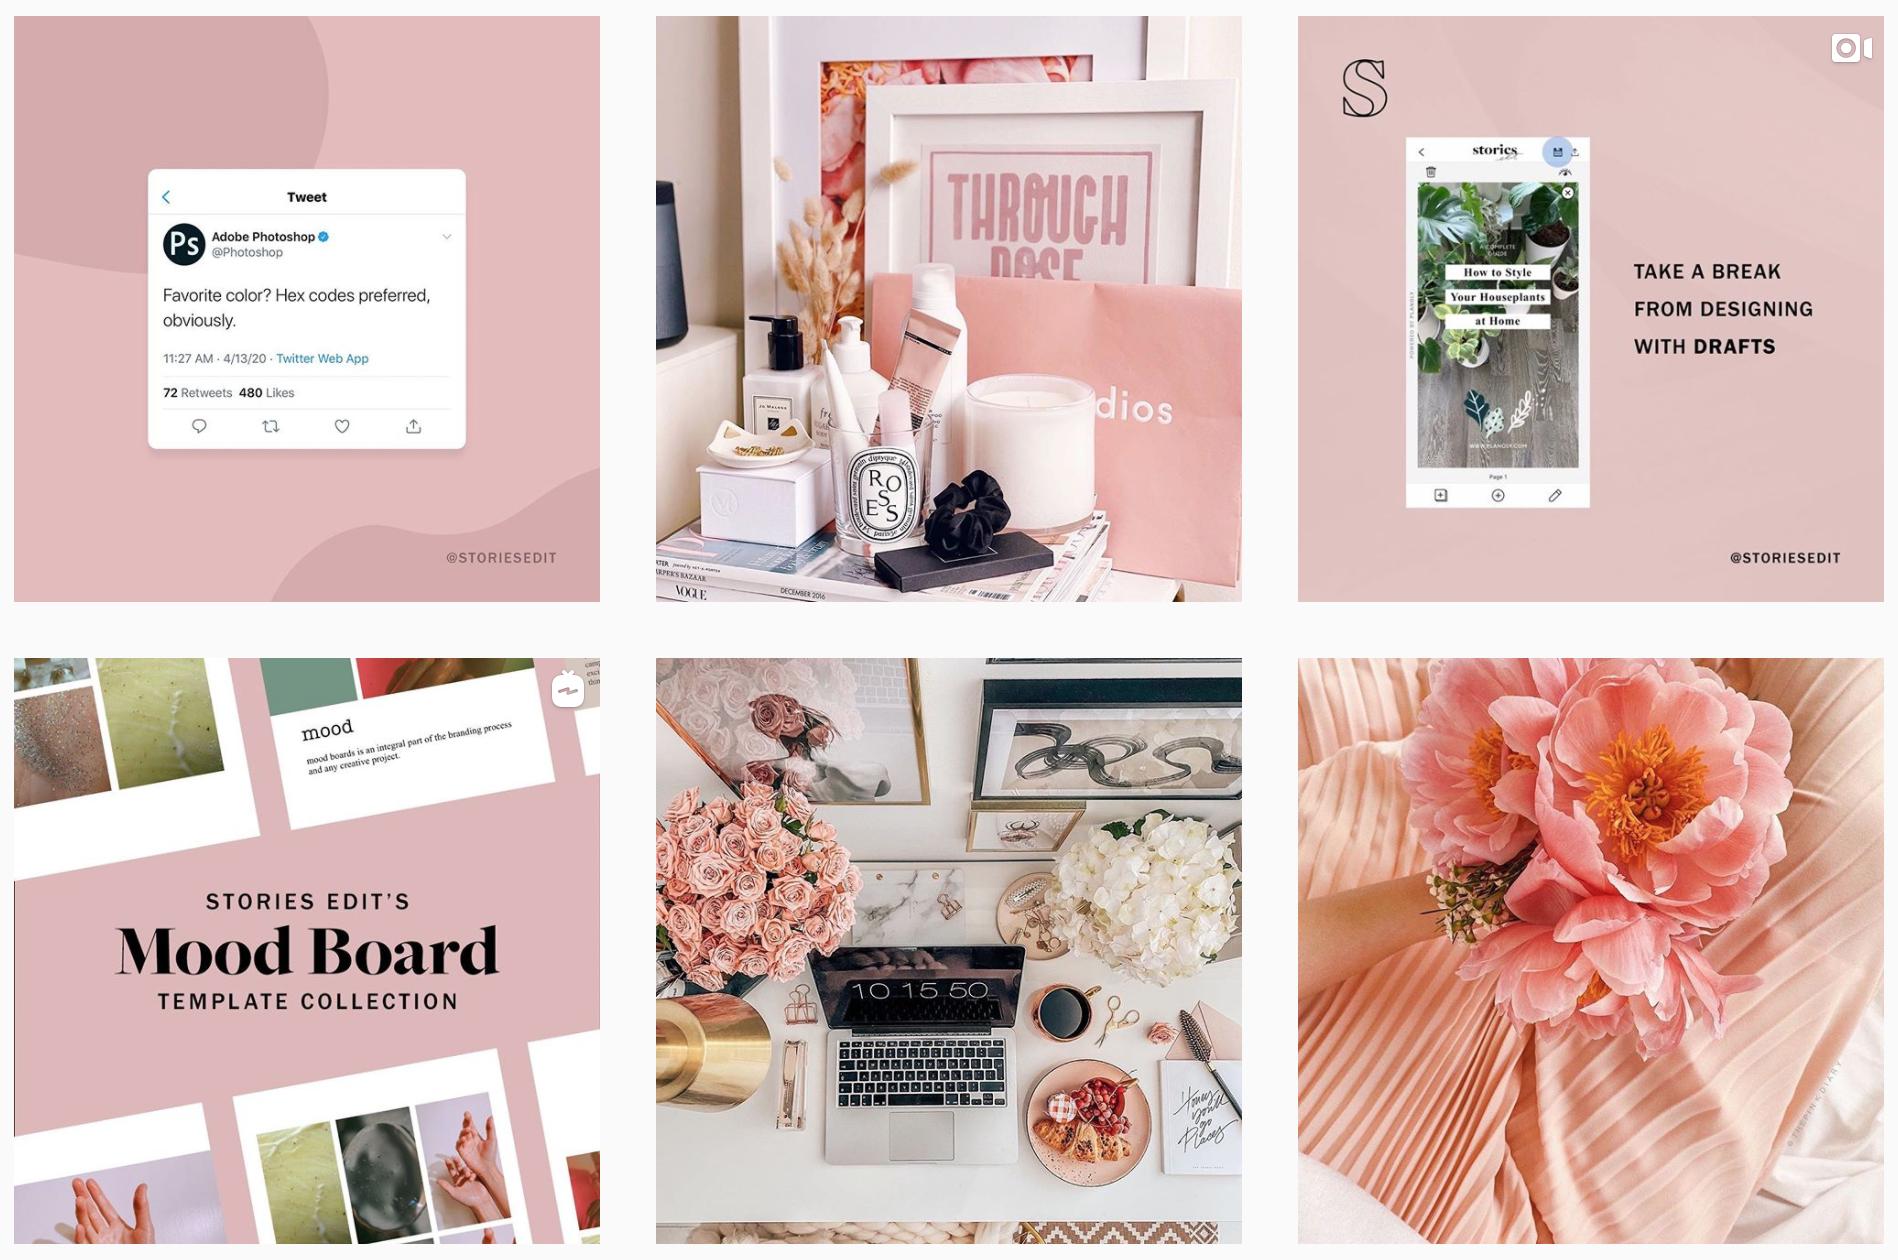 instagram branding - storiesedit instagram feed